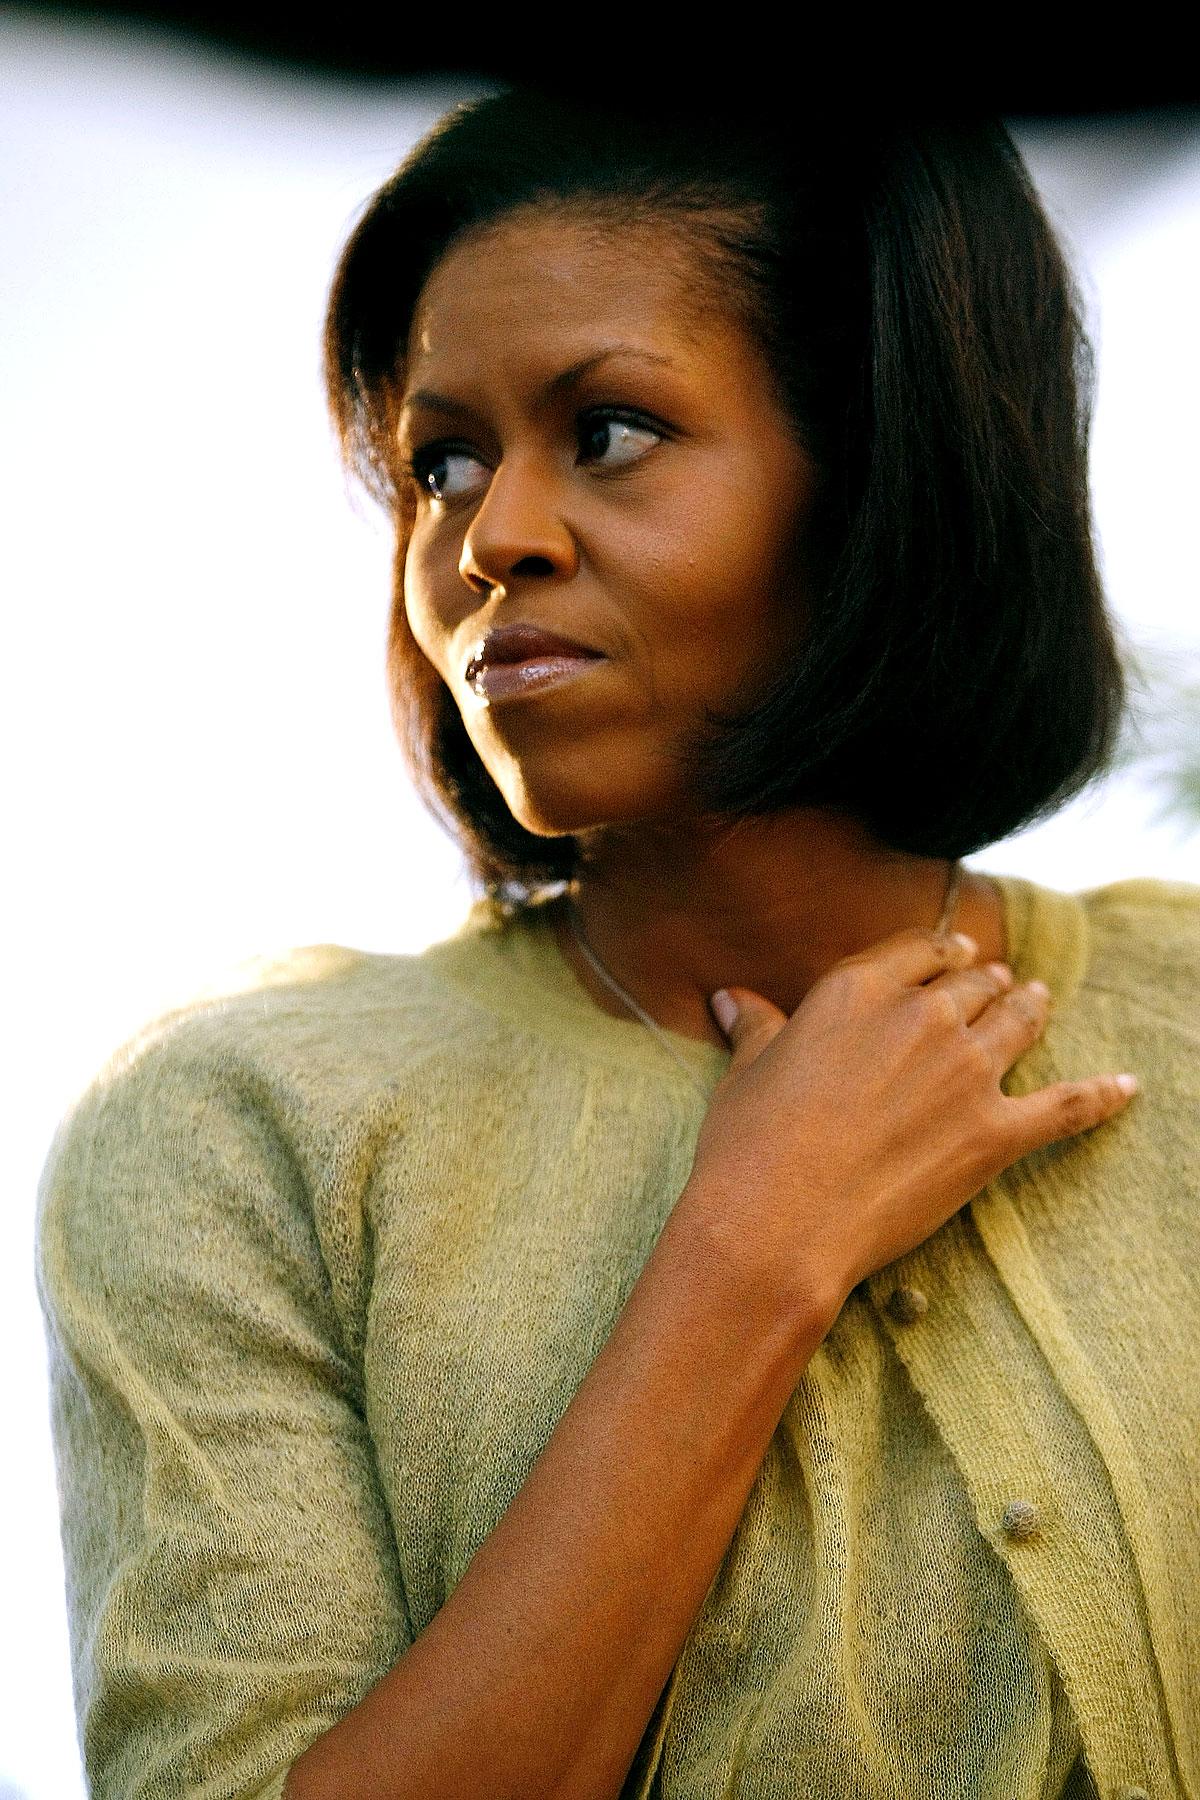 Мишель обама michelle obama фото 148527